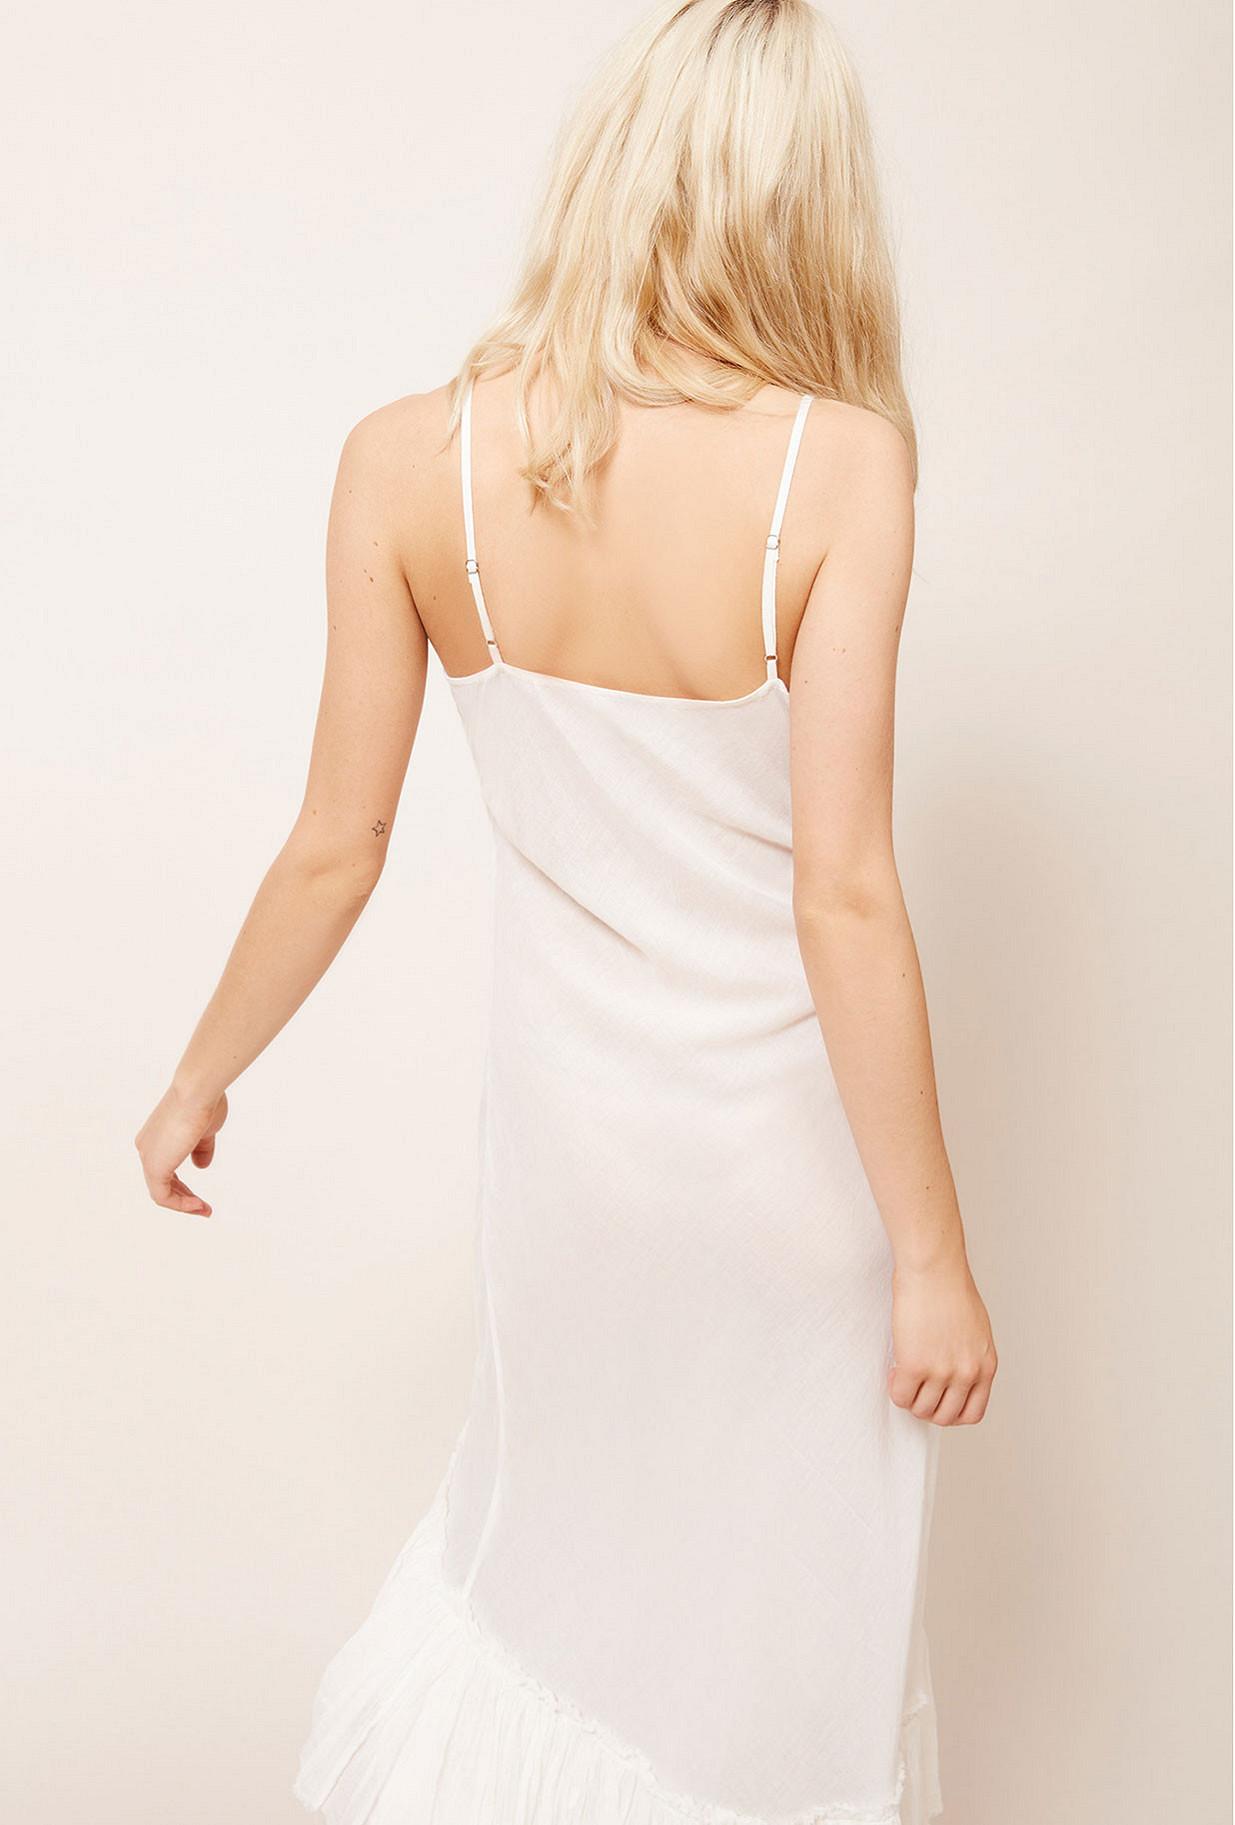 Paris boutique de mode vêtement Robe créateur bohème  Offenbach